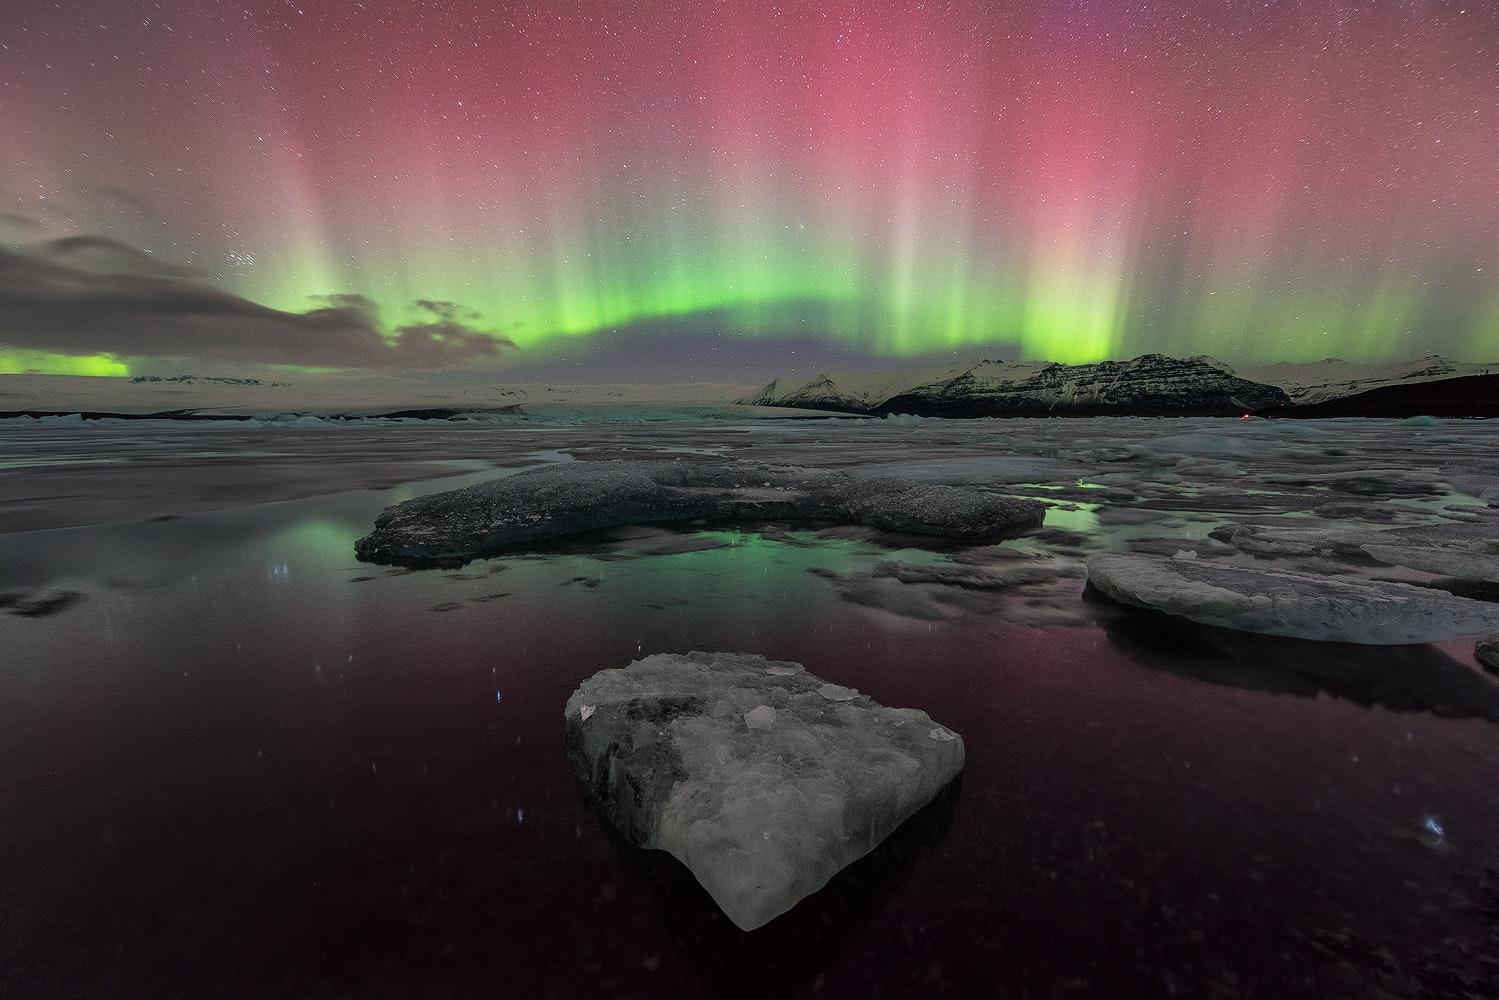 美丽梦幻的冰岛北极光